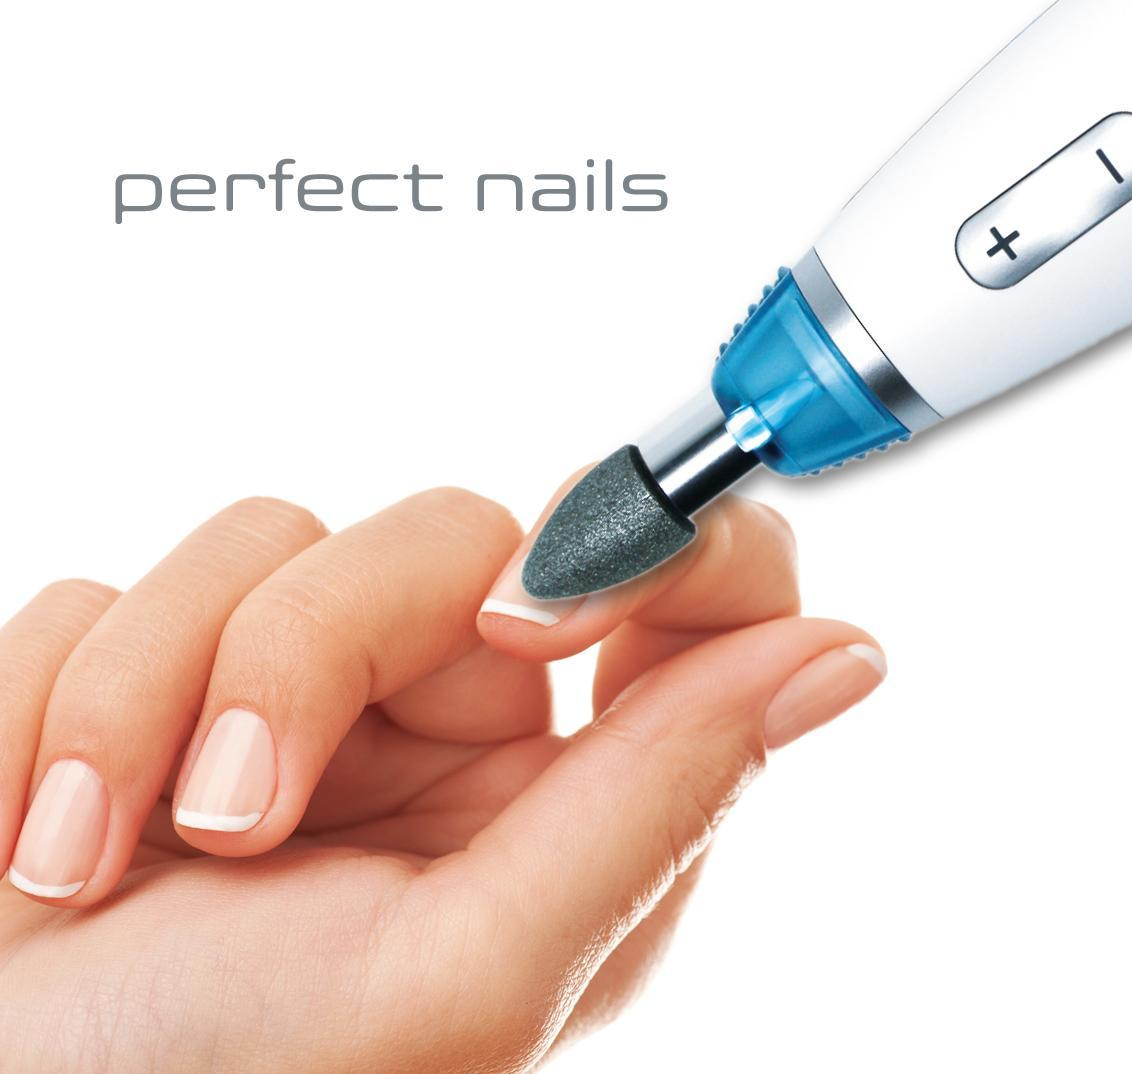 prorelax Conjunto de manicura y pedicura Perfect - Para cuidar ...